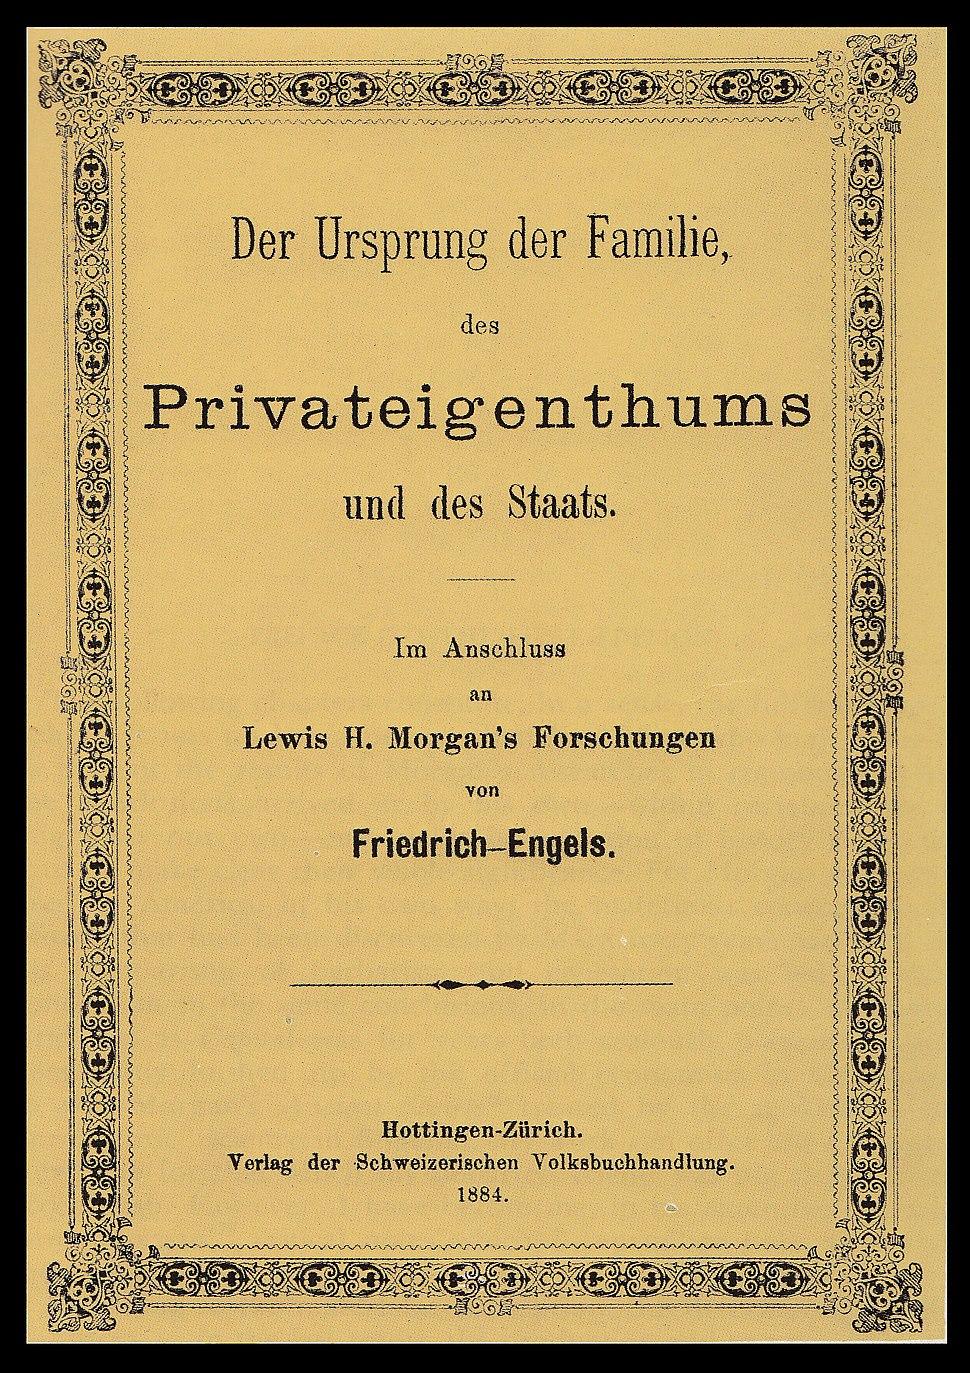 OriginOfFamily-1884